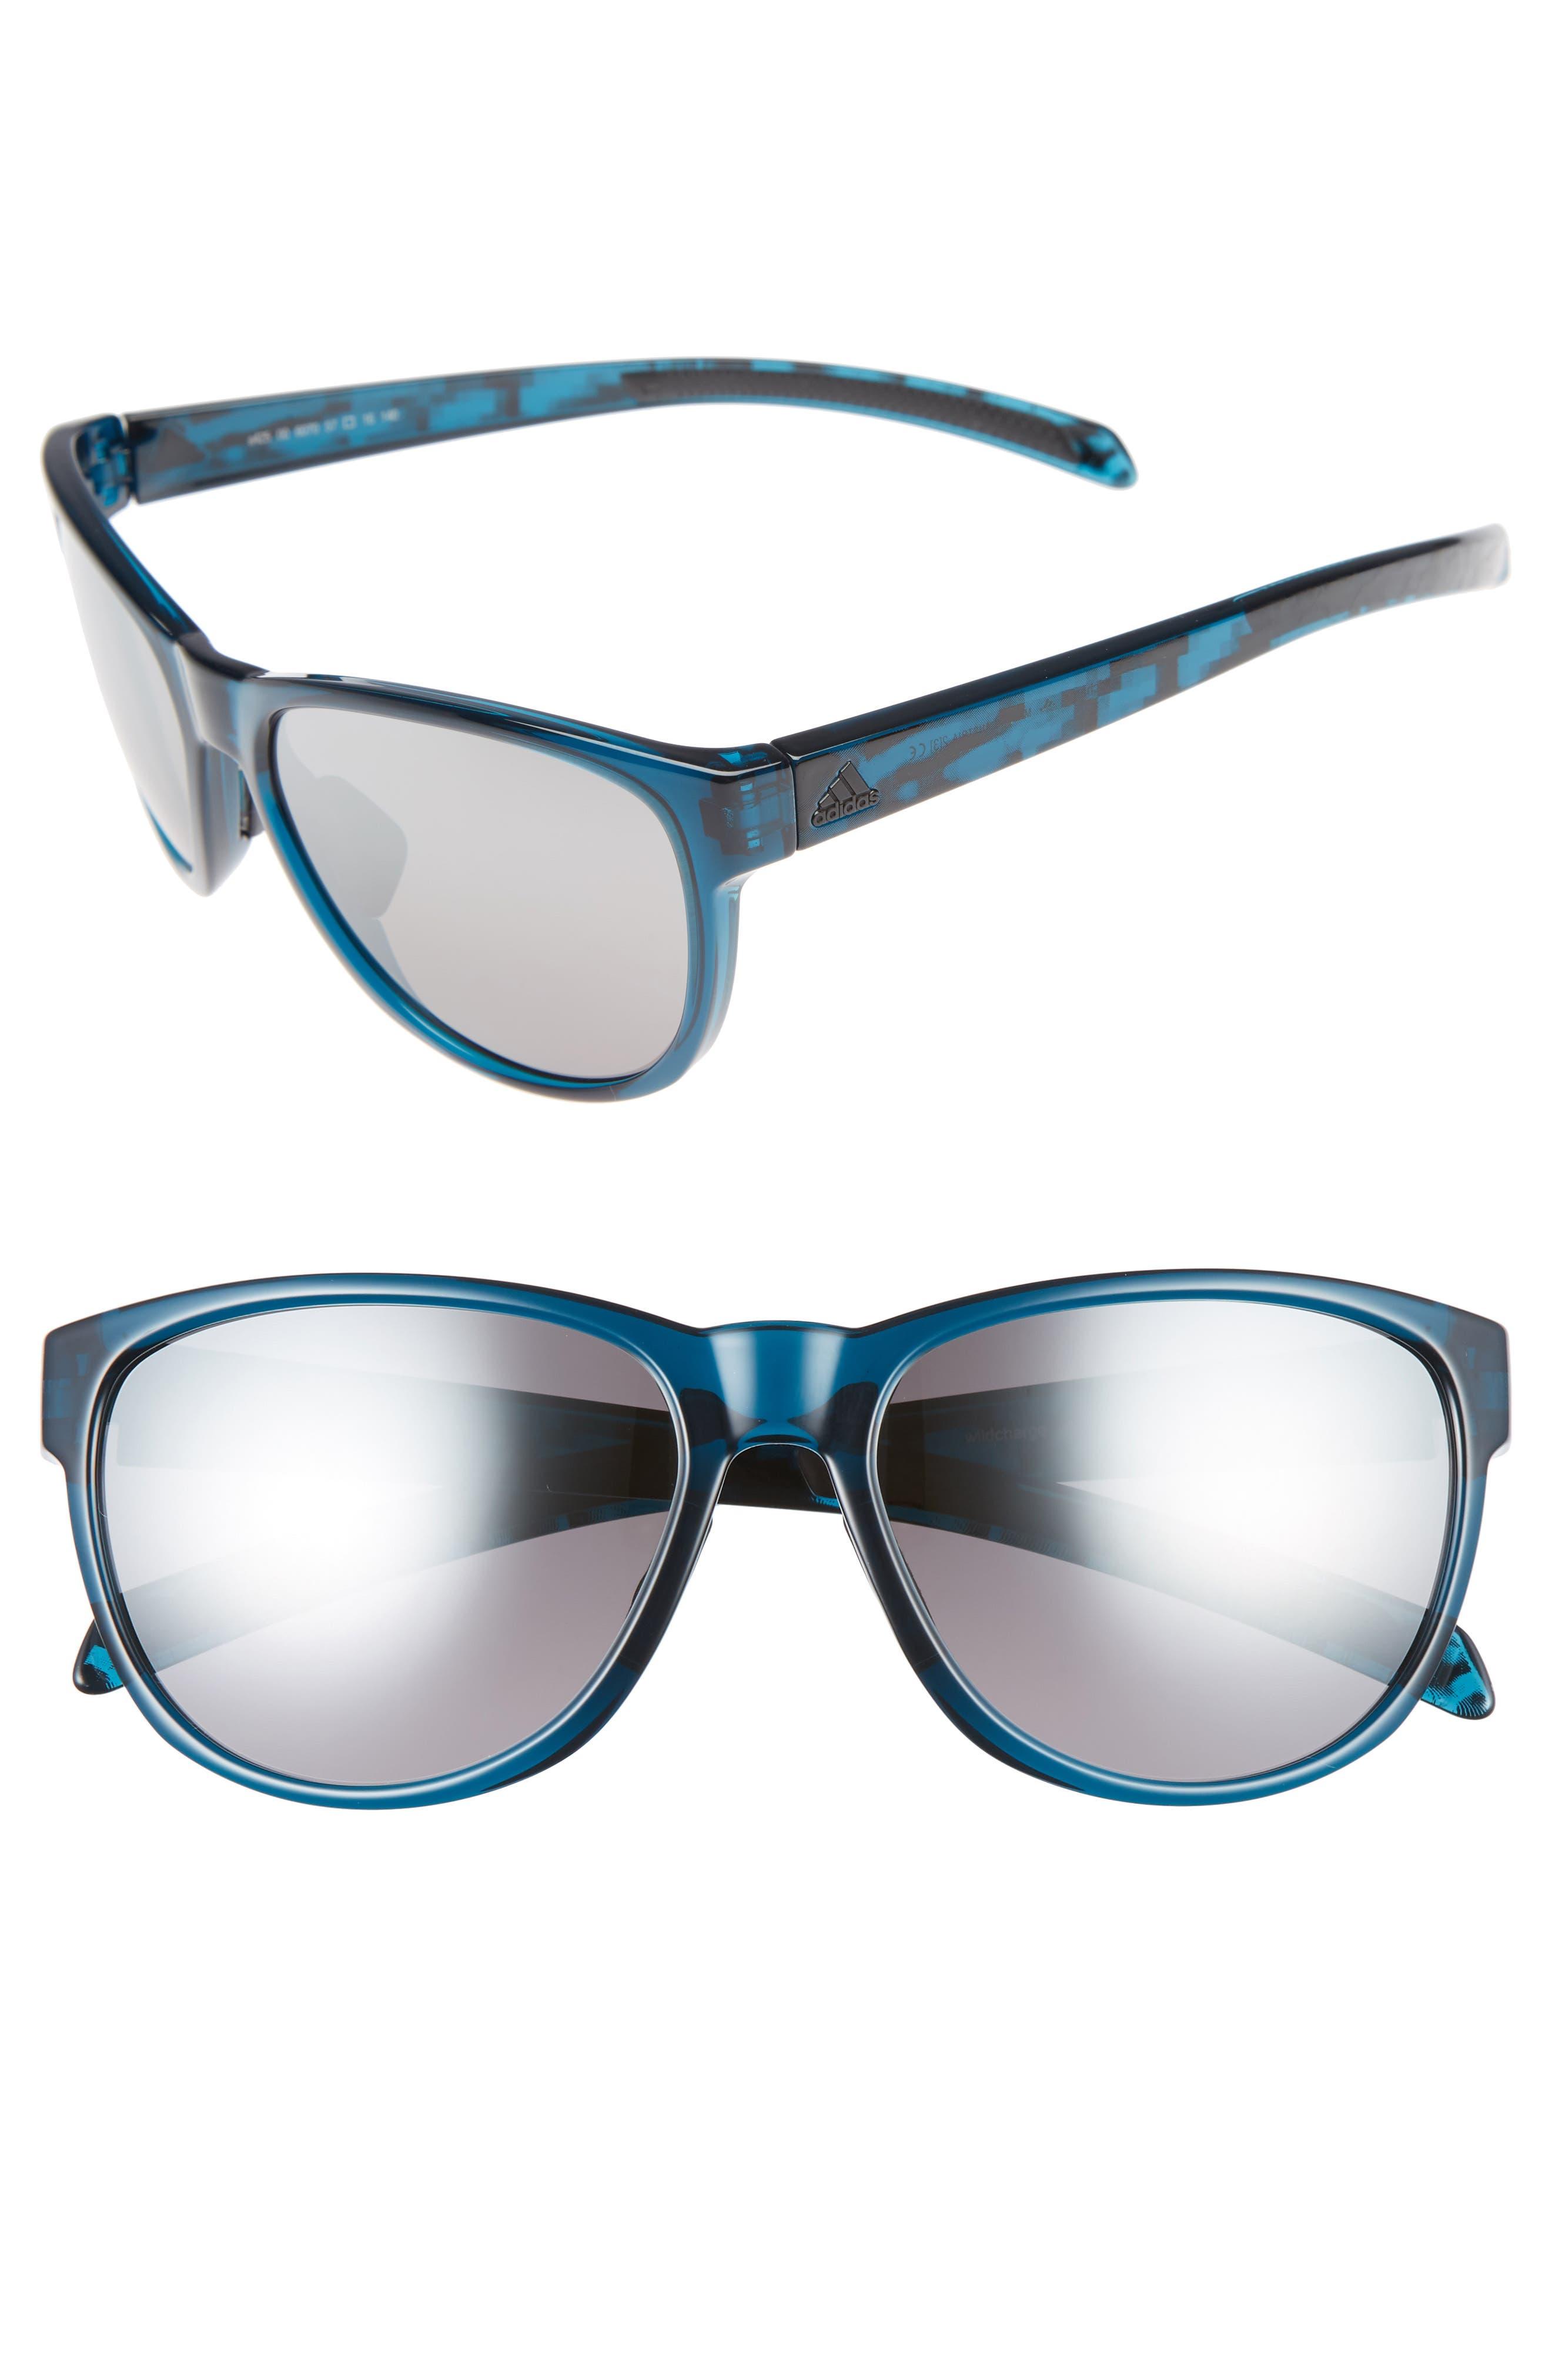 Main Image - adidas Wildcharge 61mm Mirrored Sunglasses